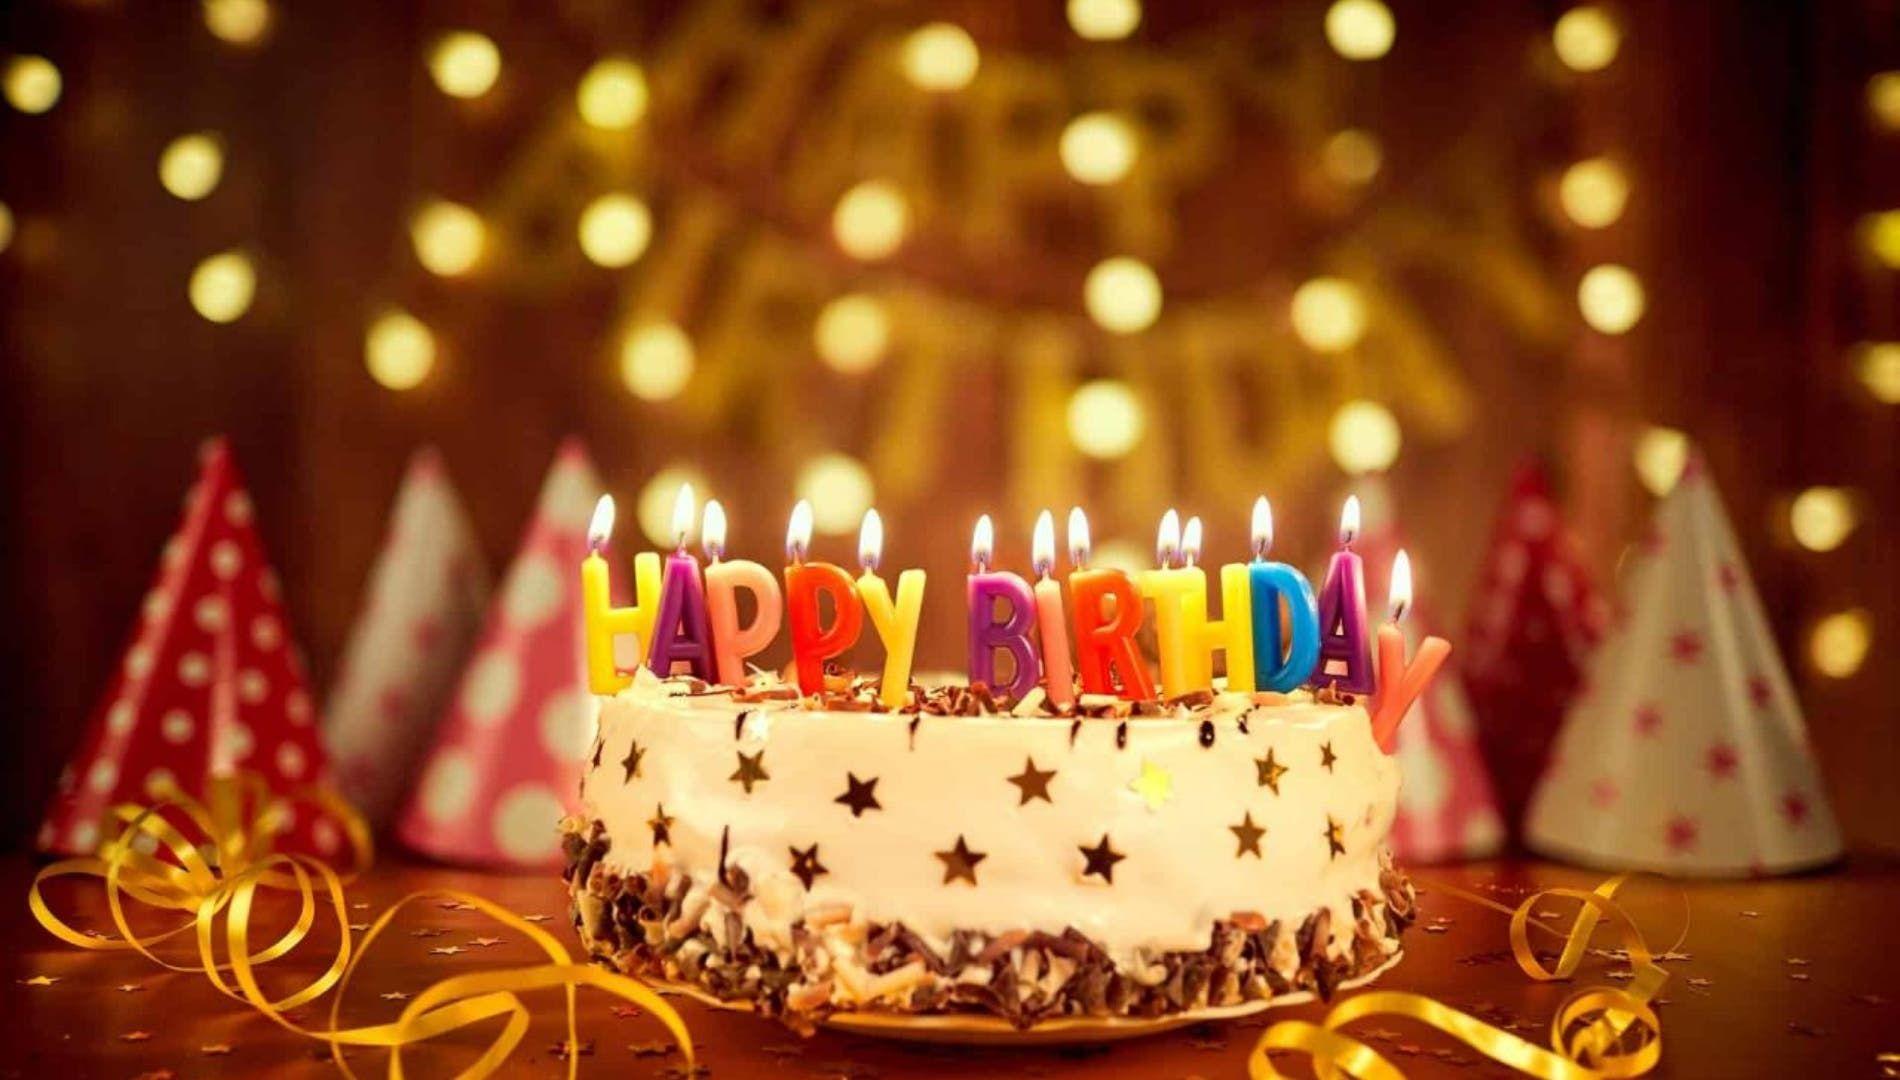 أفكار للاحتفال بعيد ميلاد صديقتك Birthday Candles Birthday Candles